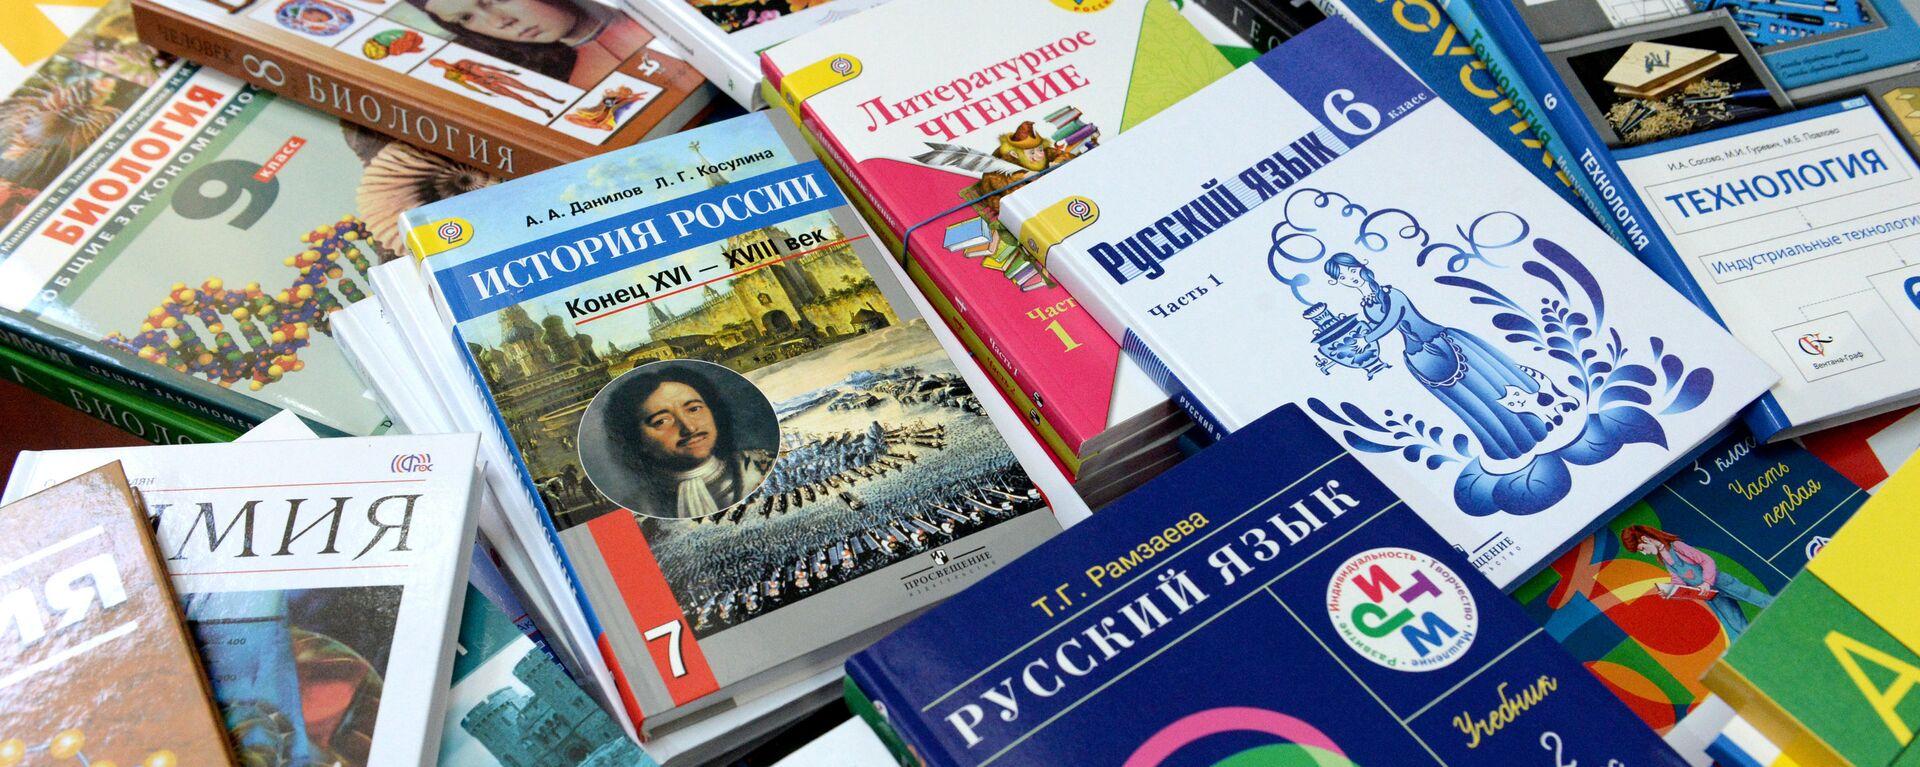 Учебники для русскоязычных школ - Sputnik Արմենիա, 1920, 17.08.2021